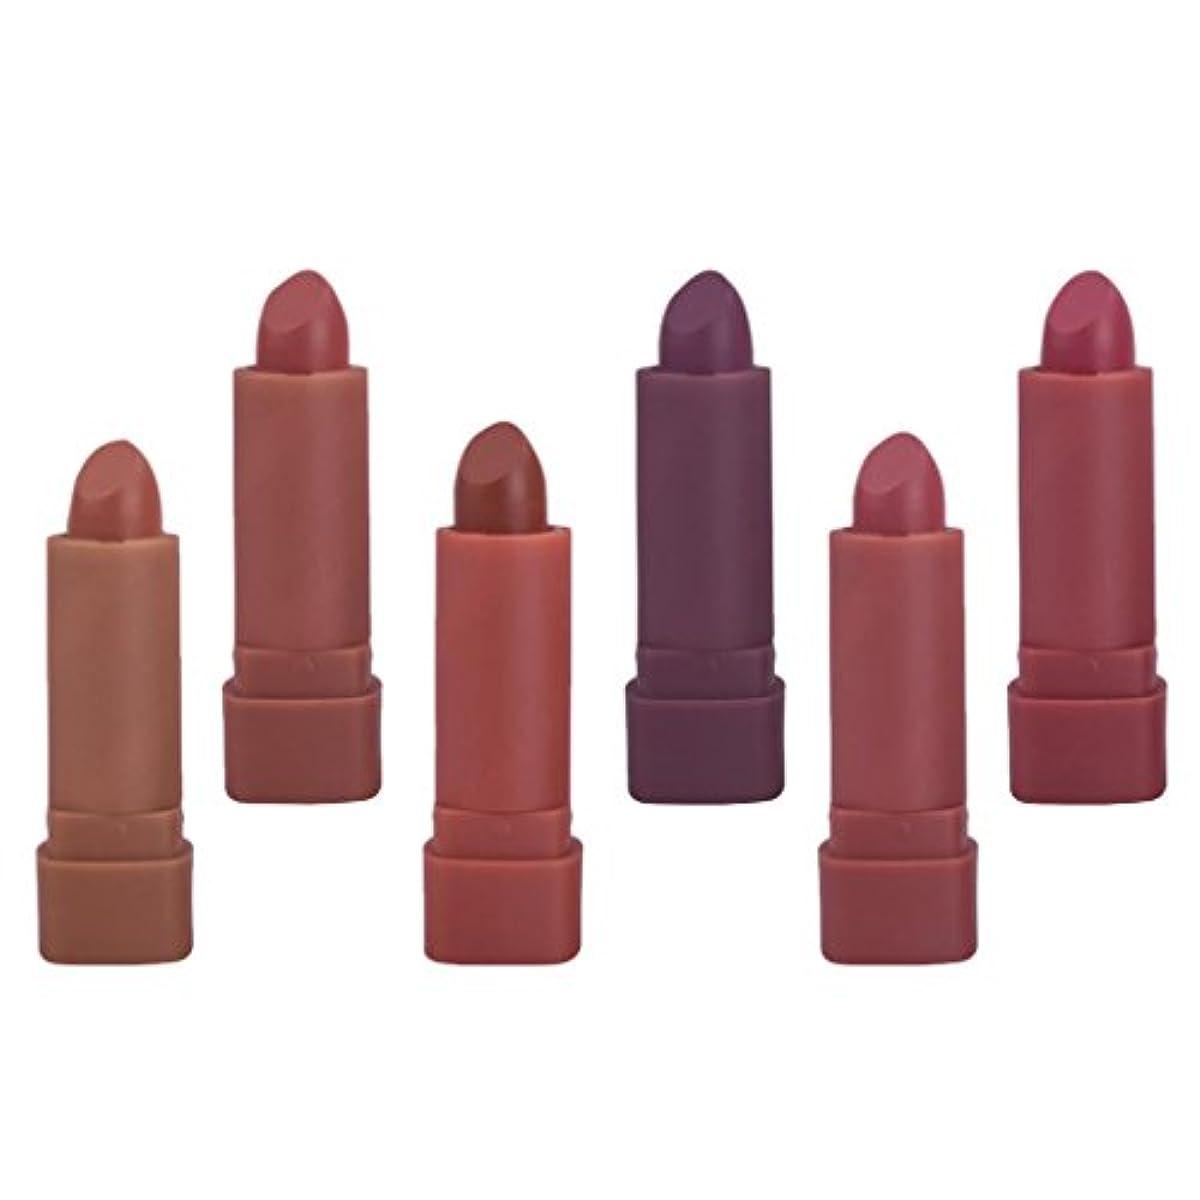 切手エミュレーション人口紅 ミニ ベルベット マット リップスティック 化粧品 メイクアップ 6色セット